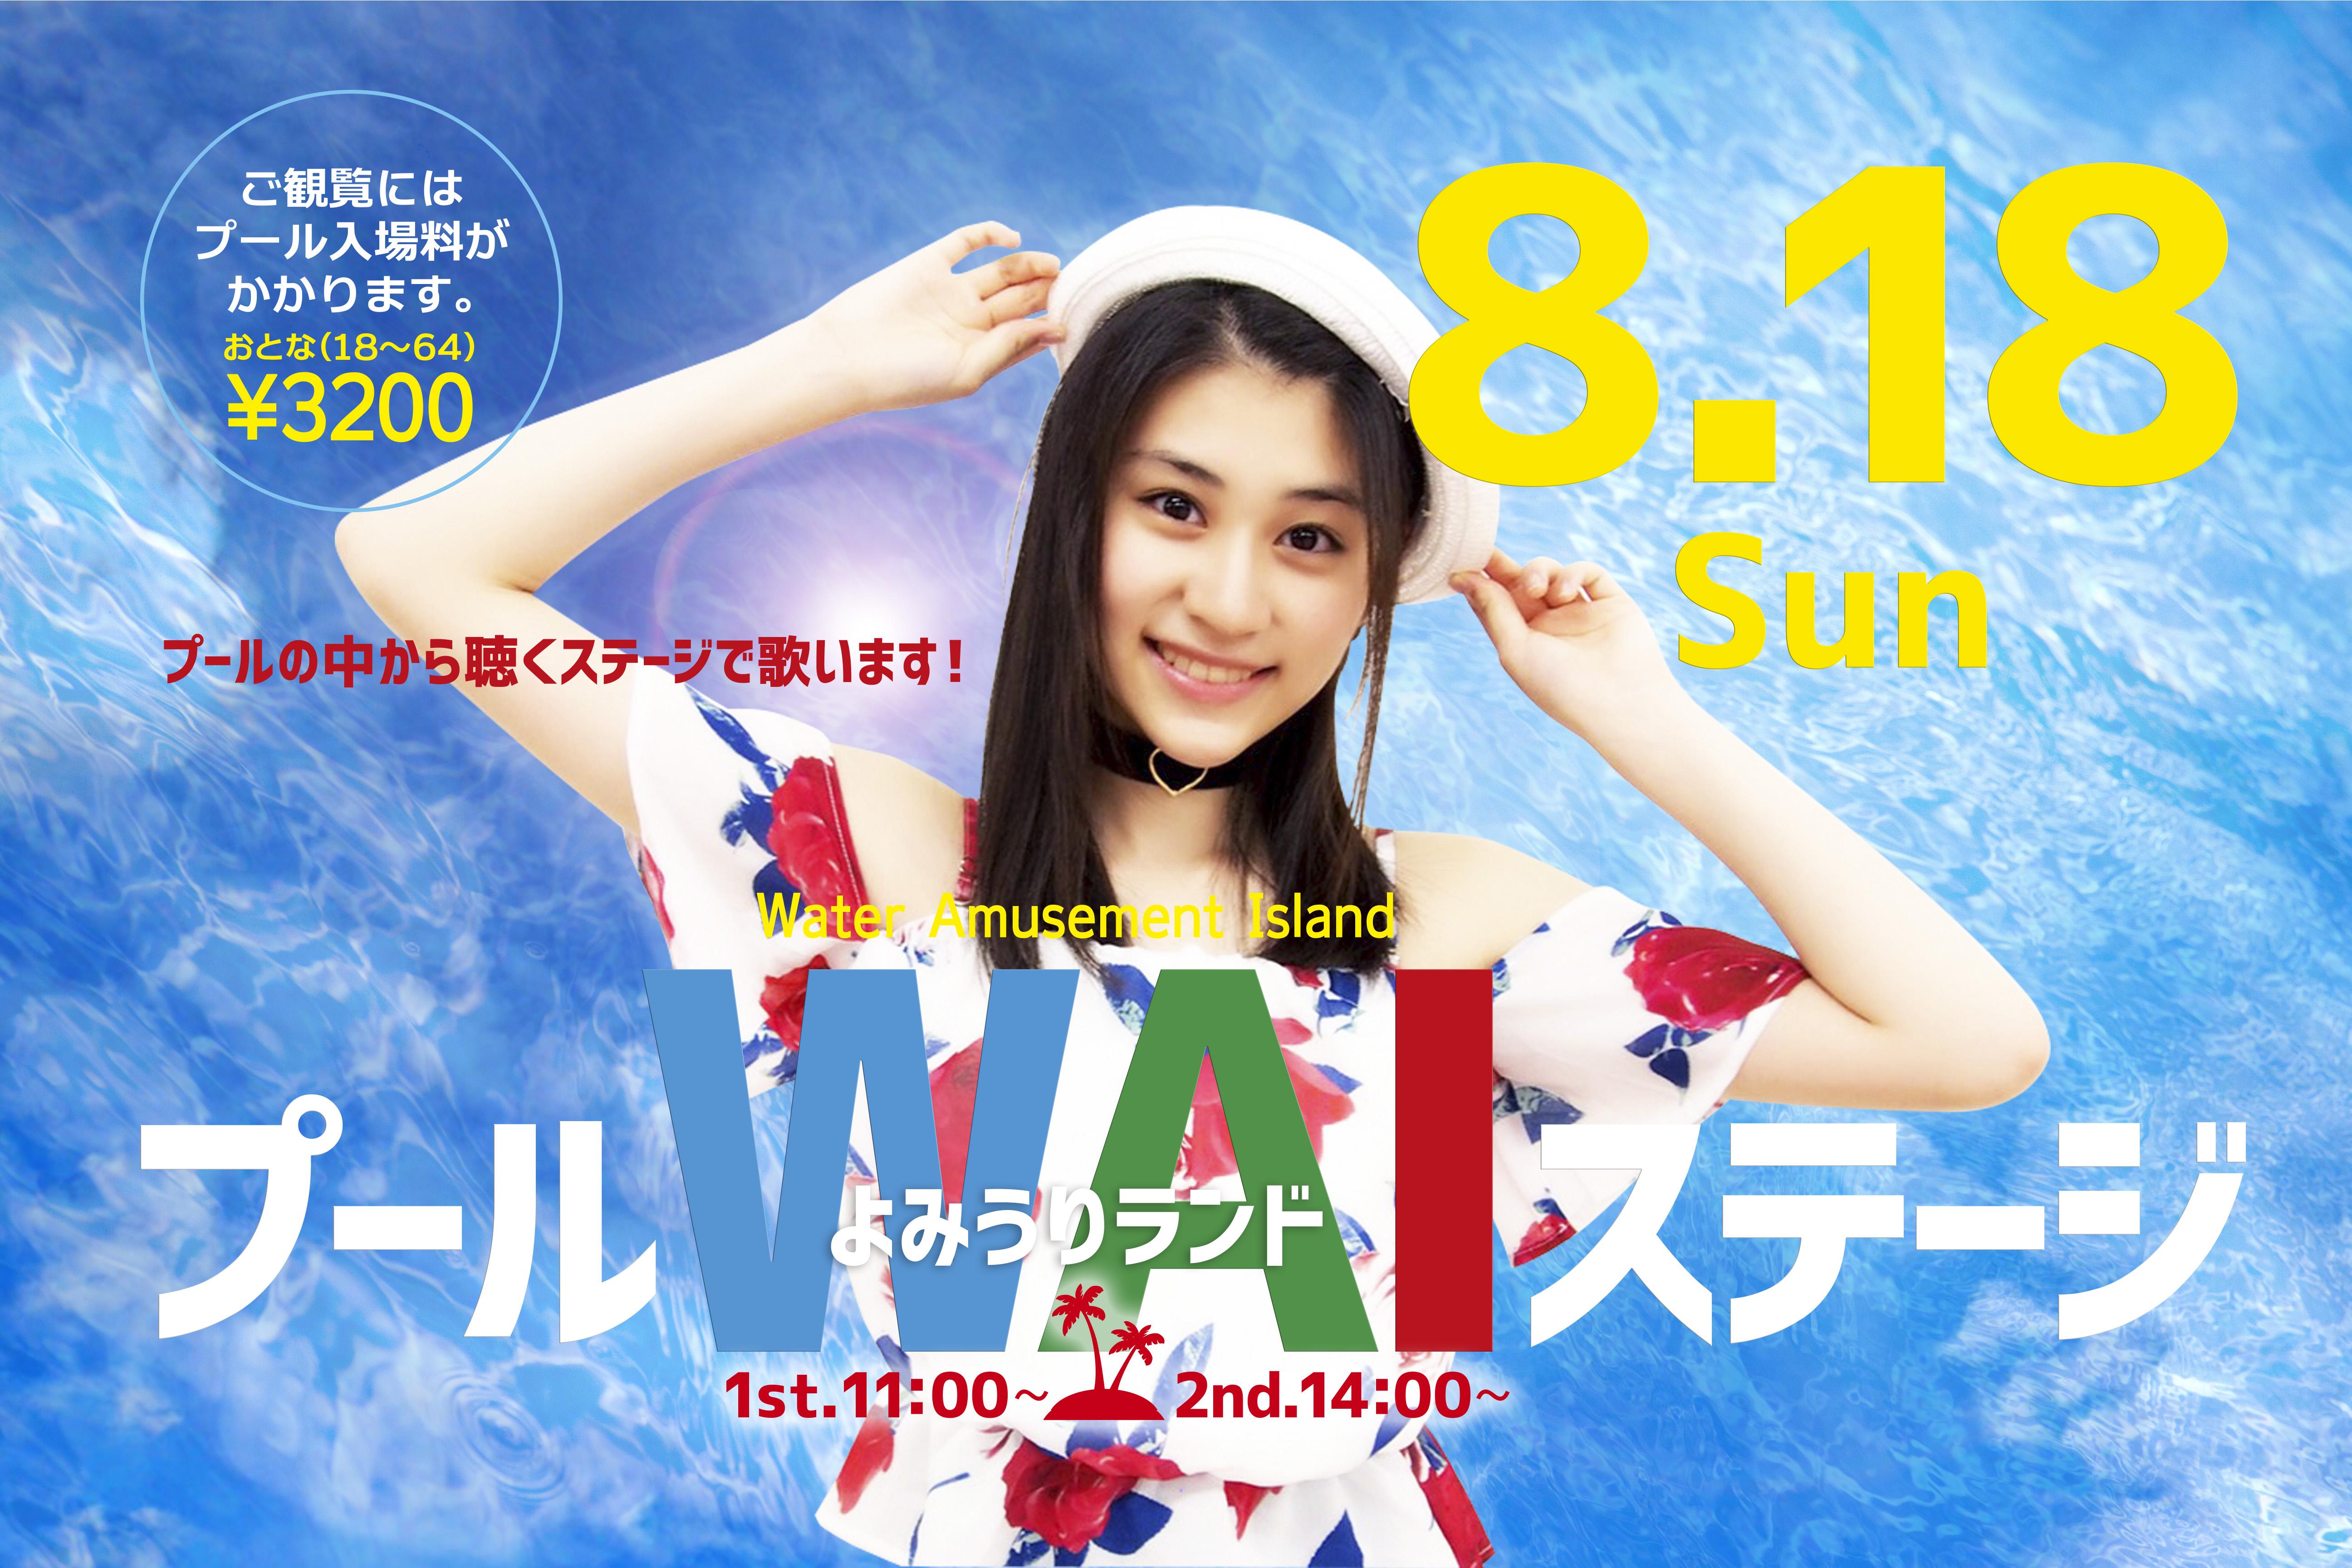 8/18(日)よみうりランド-プールWAIステージ